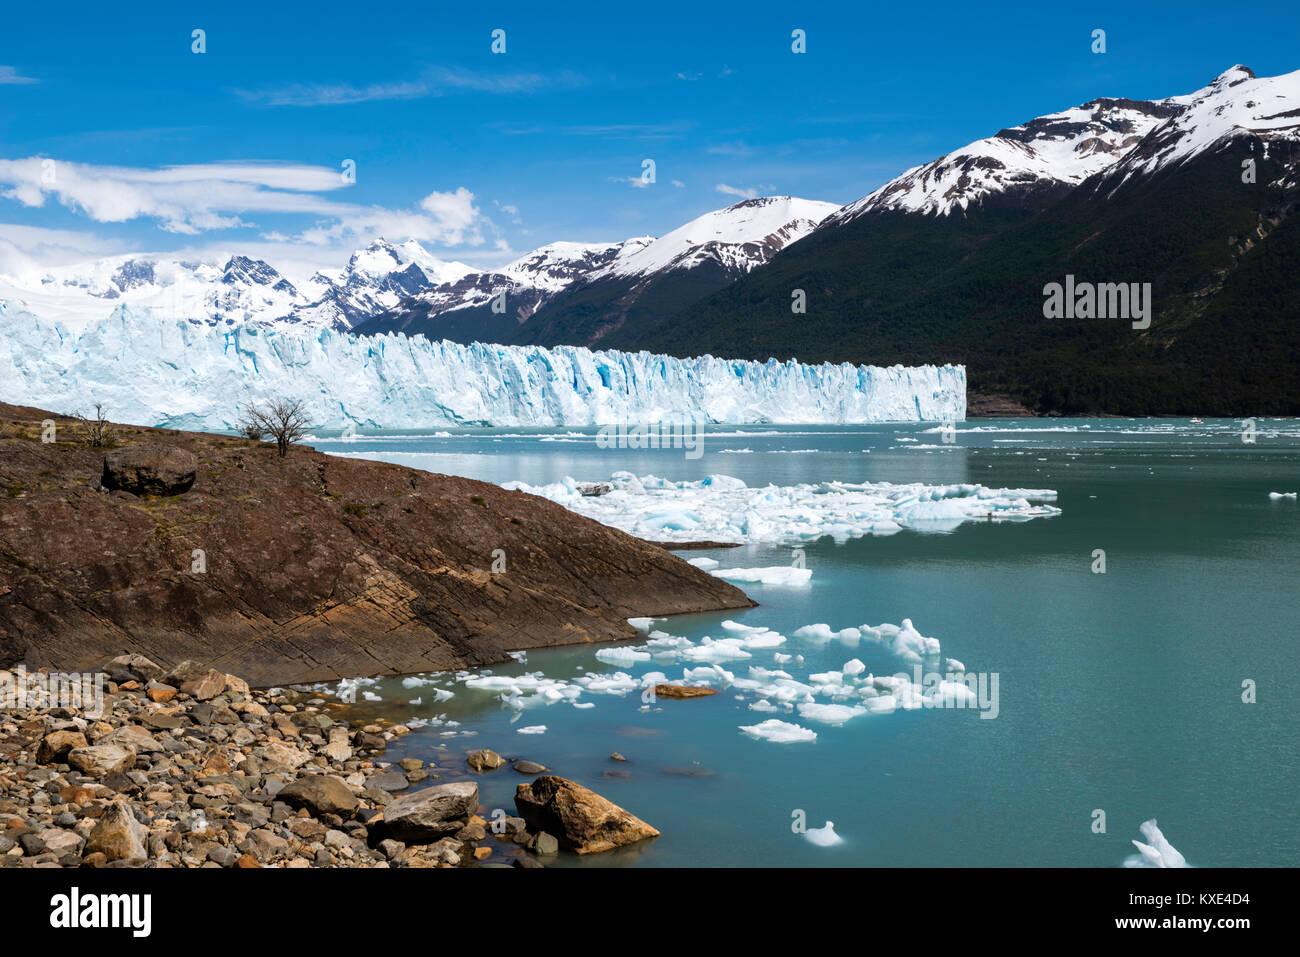 view of the perito moreno glacier los glaciares national park near el calafate santa cruz province argentina